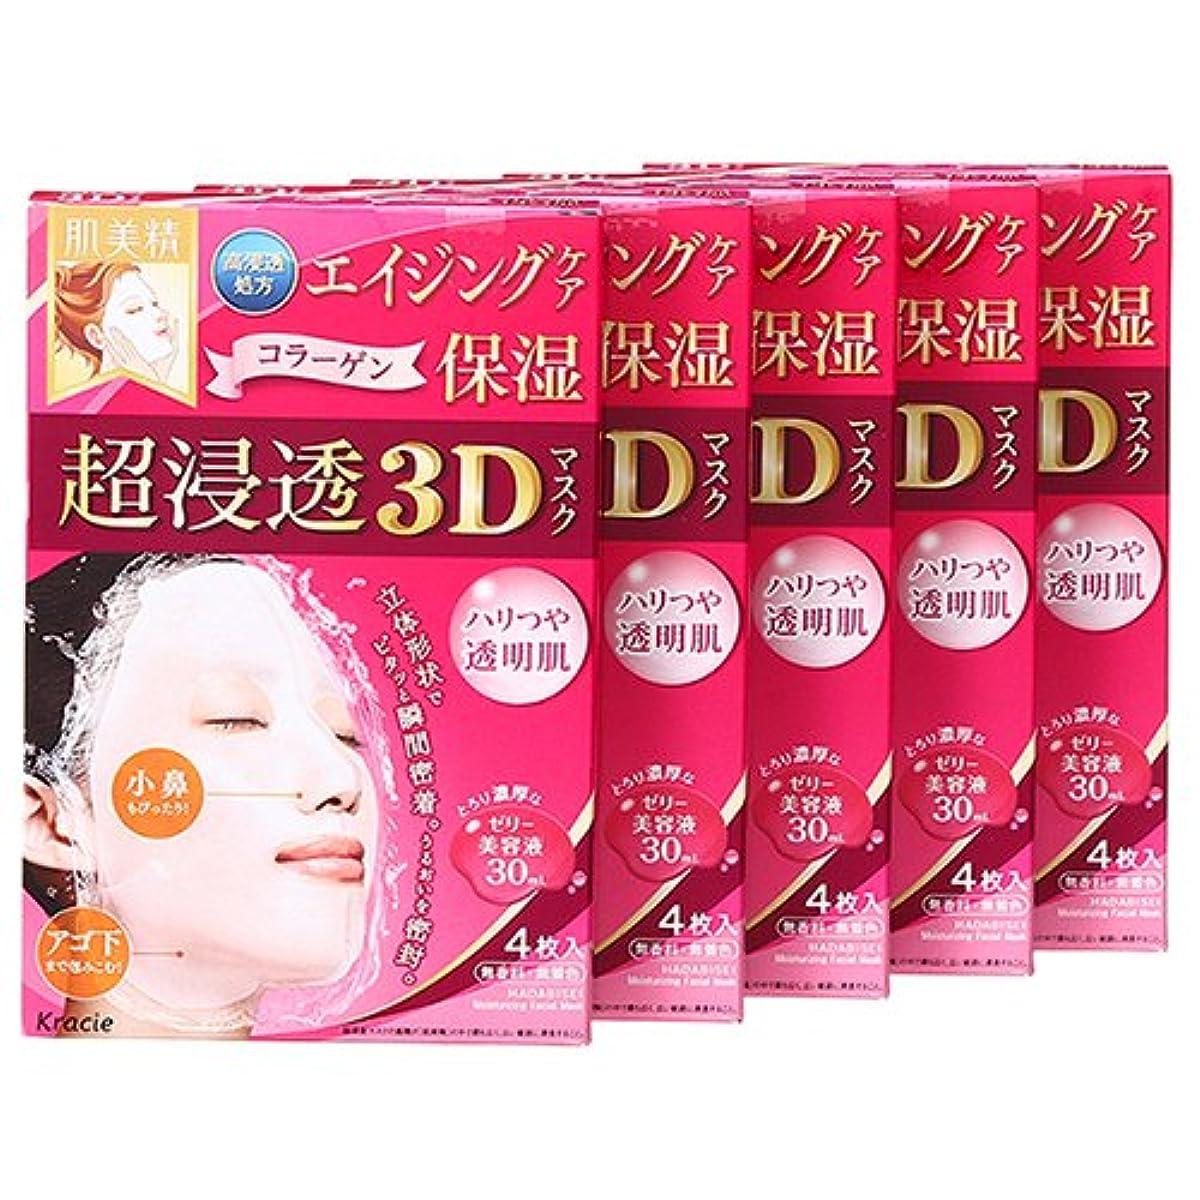 作ります批判的メディアクラシエホームプロダクツ 肌美精 超浸透3Dマスク エイジングケア(保湿) 4枚入 (美容液30mL/1枚) 5点セット [並行輸入品]